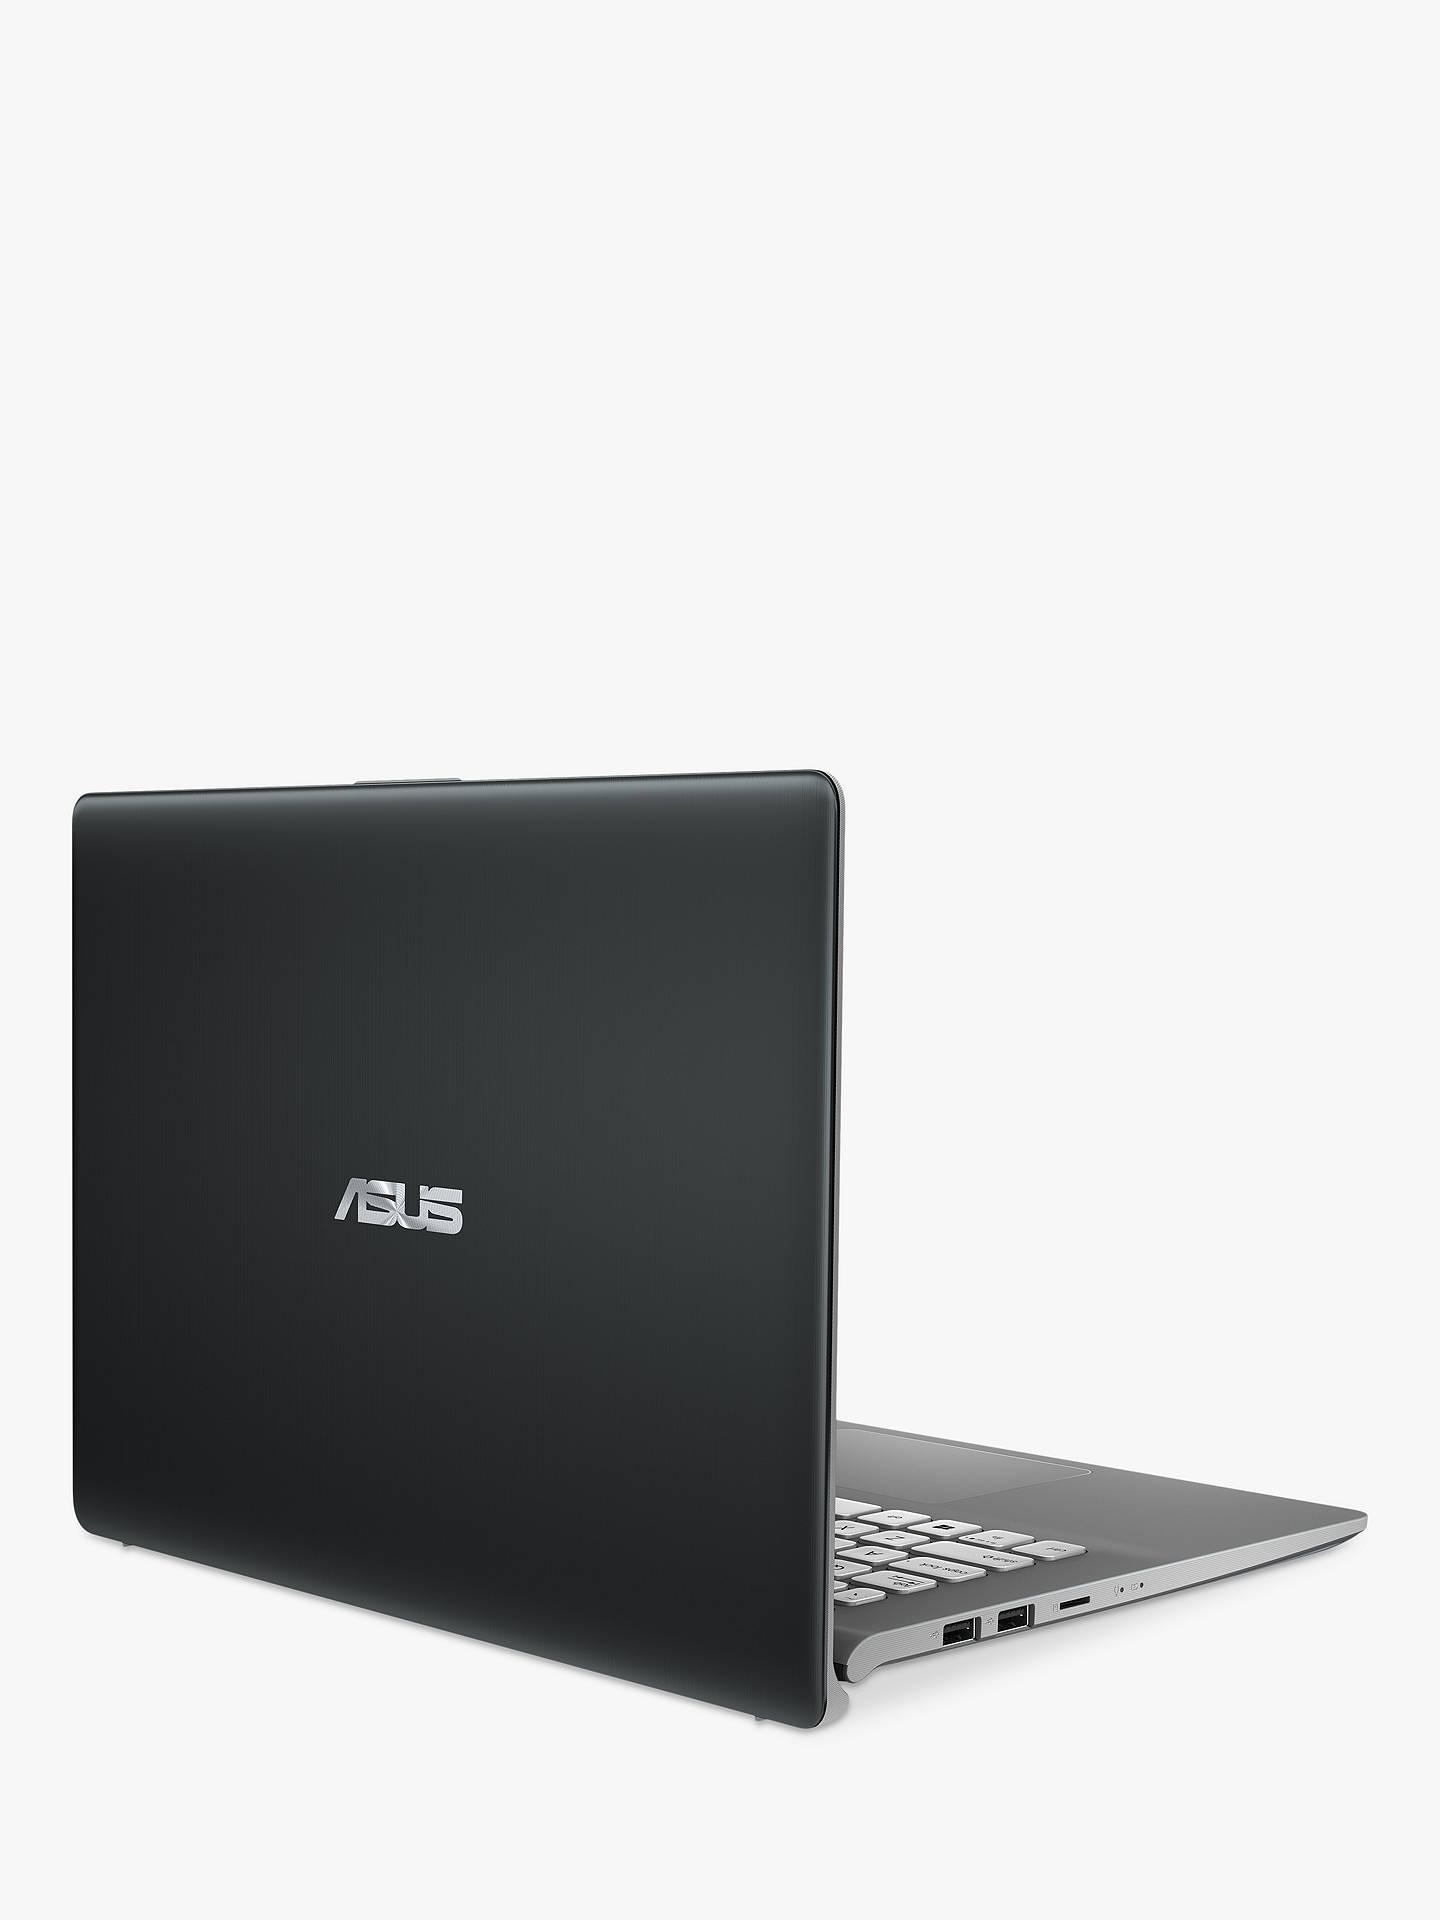 ASUS Vivobook S14 S430FA-EB021T Laptop, Intel Core i3 Processor, 4GB RAM,  256GB SSD, 14